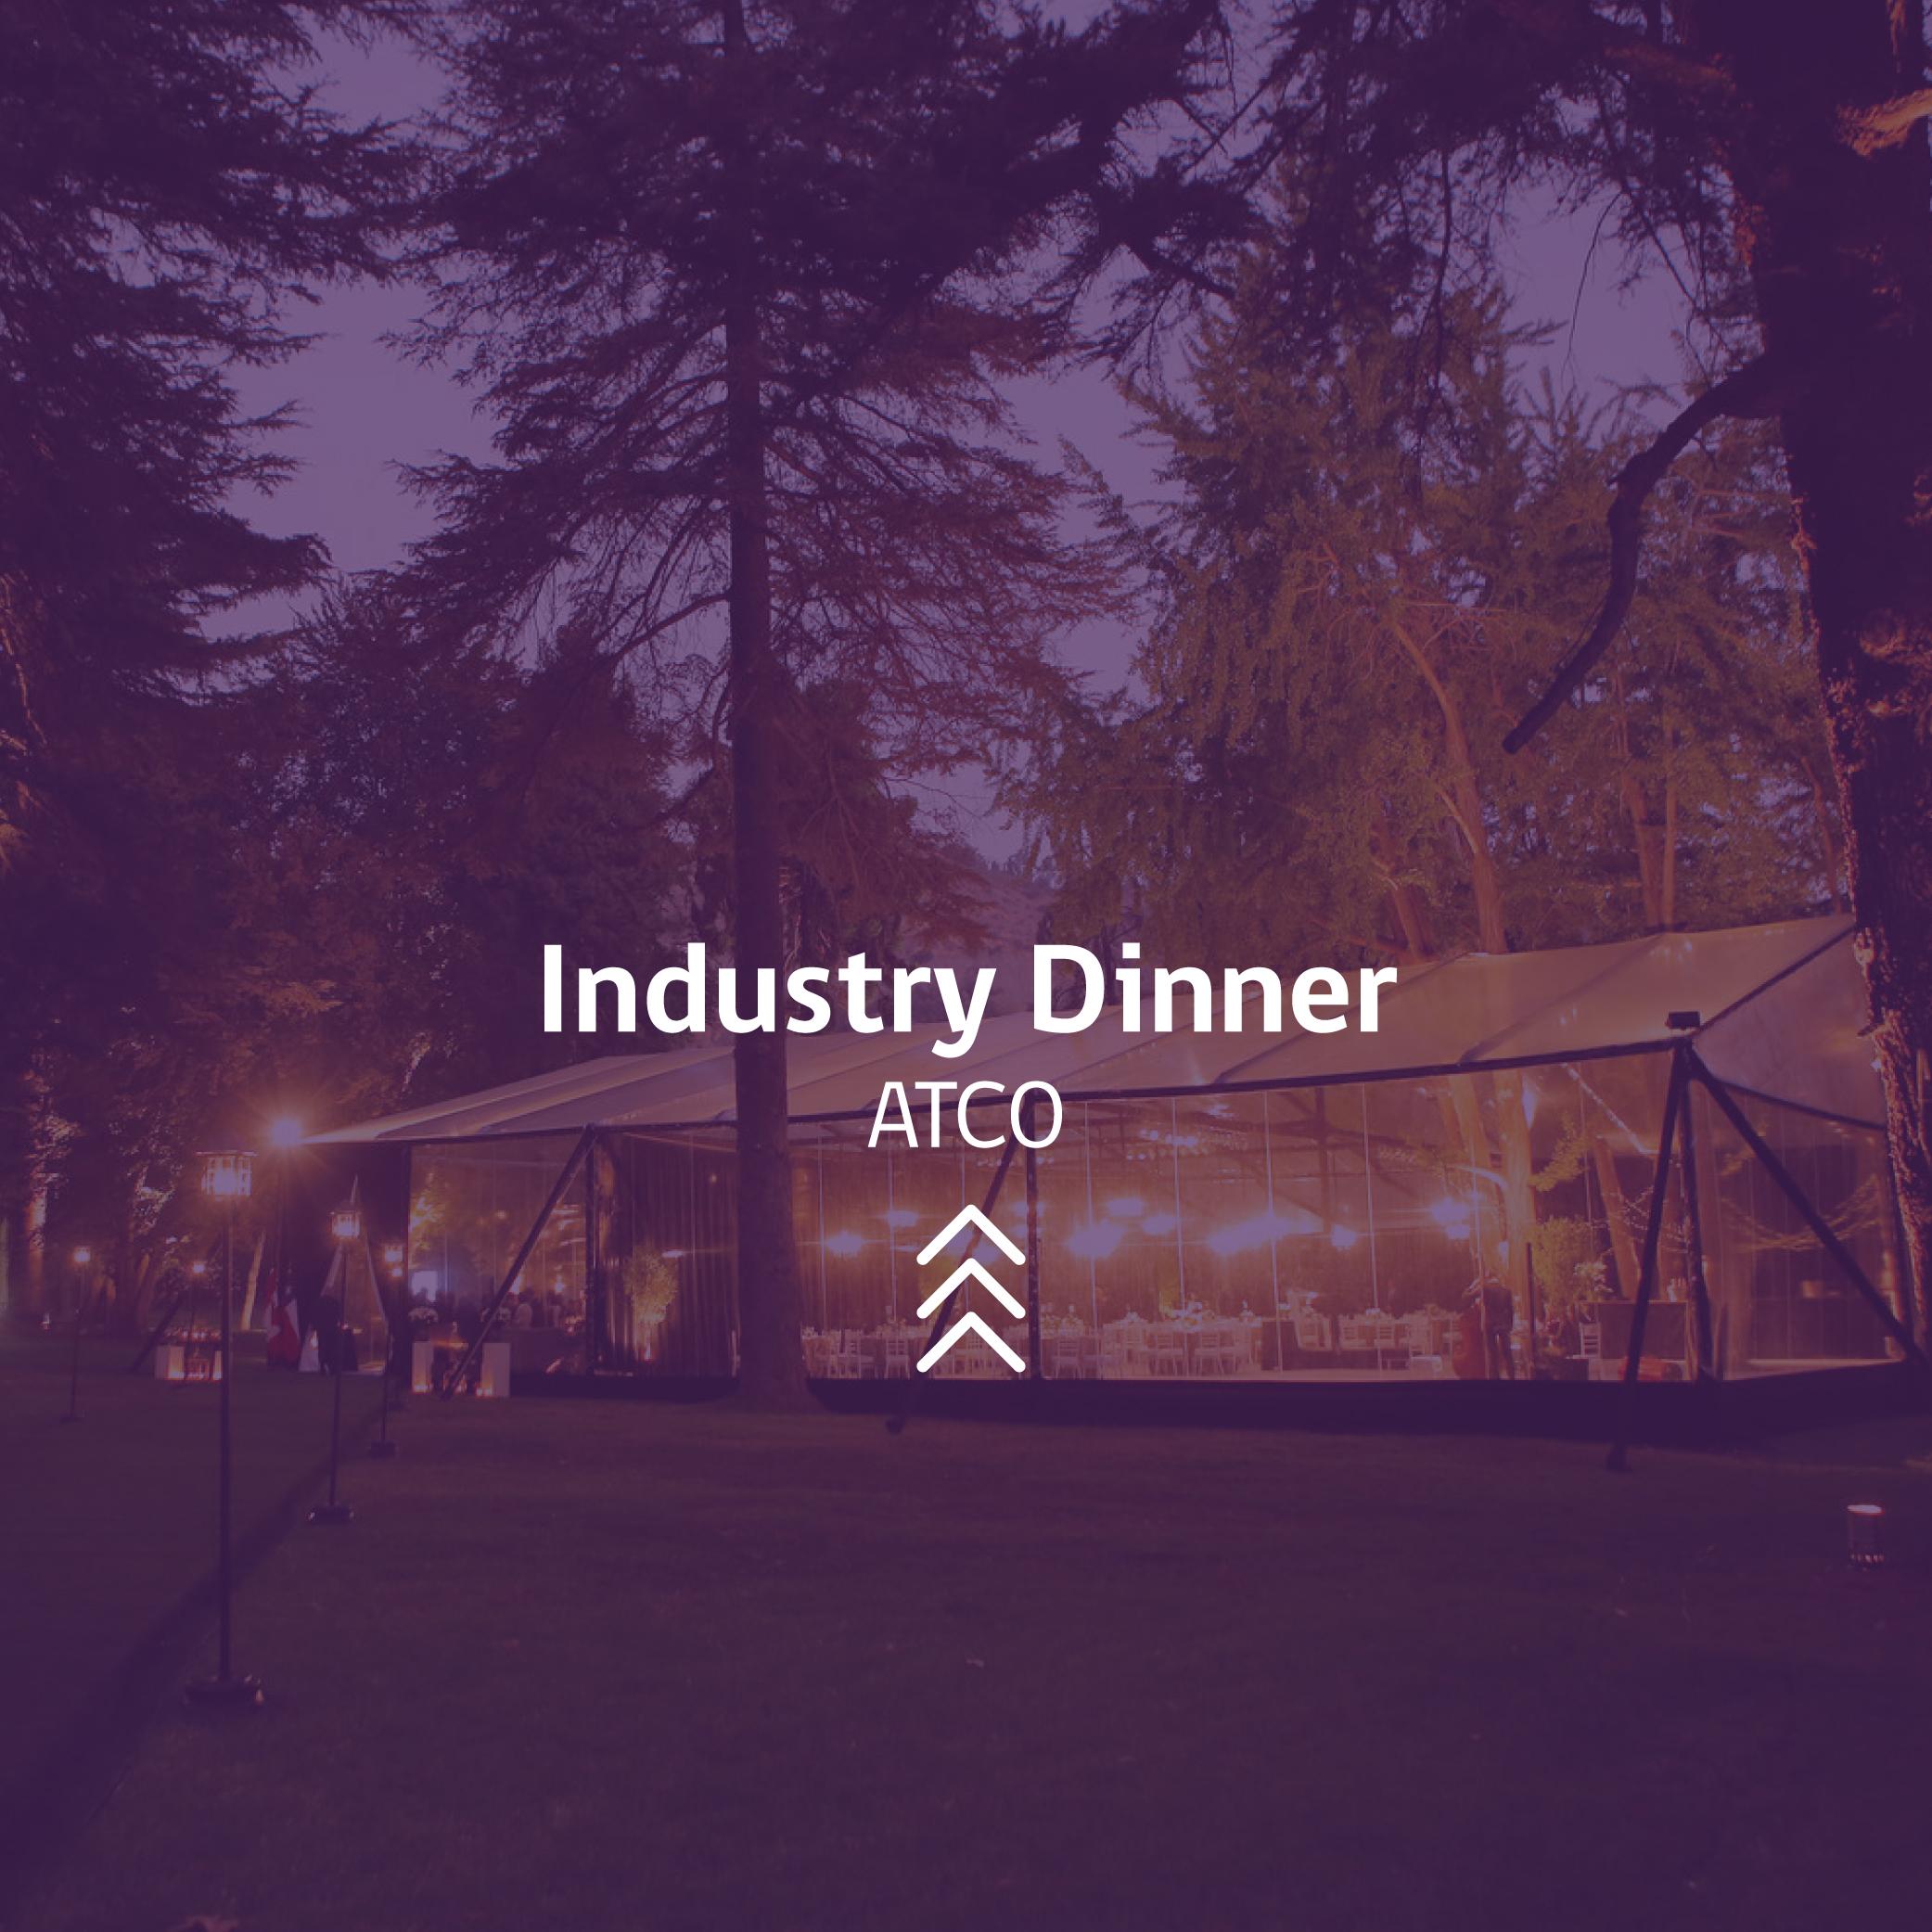 Industry Dinner ATCO Chile Evento CProducciones